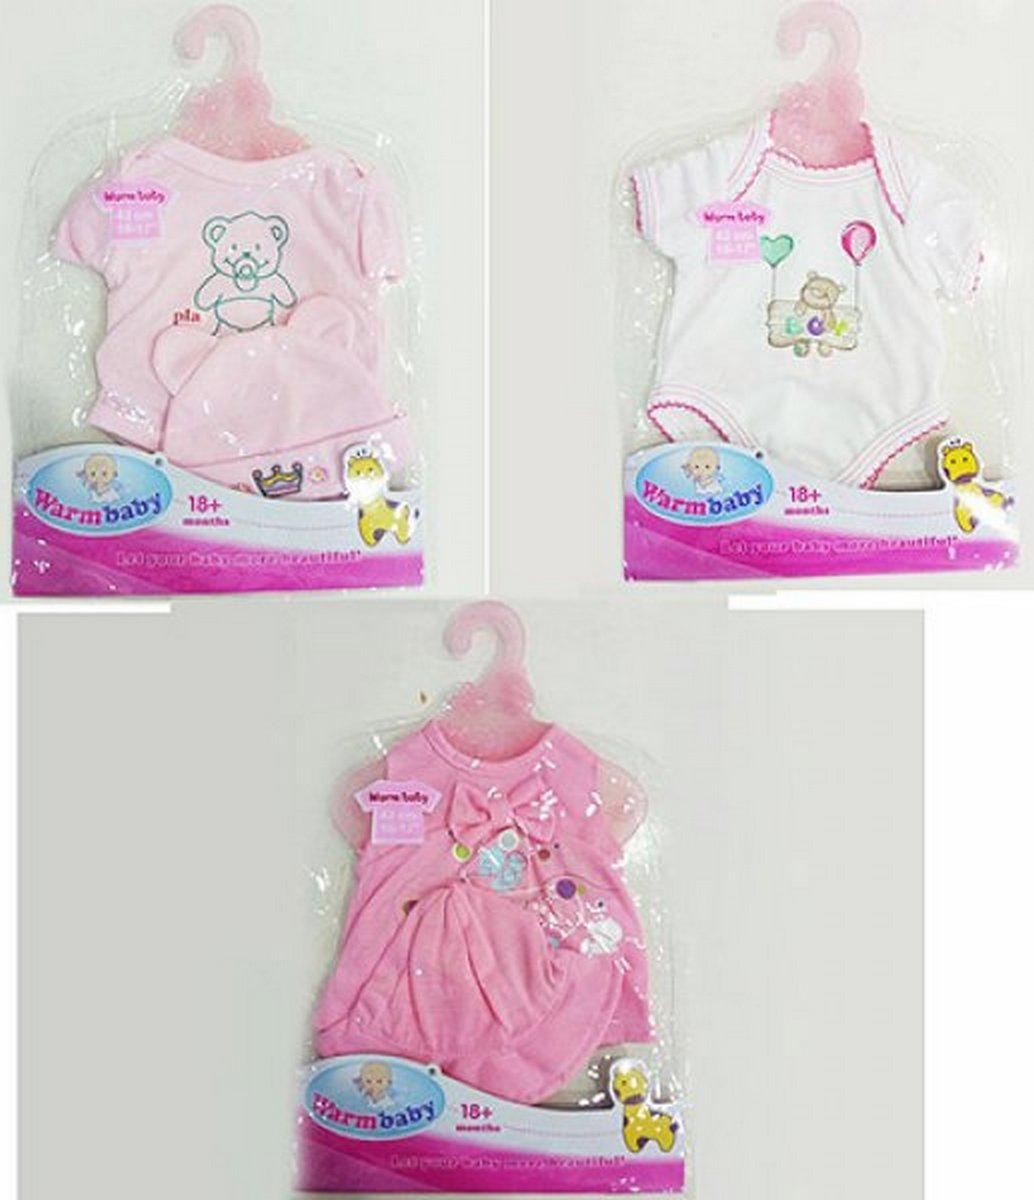 baby doll Кукольный наряд 3 вида для пупсов DBJ-009-4-6-463